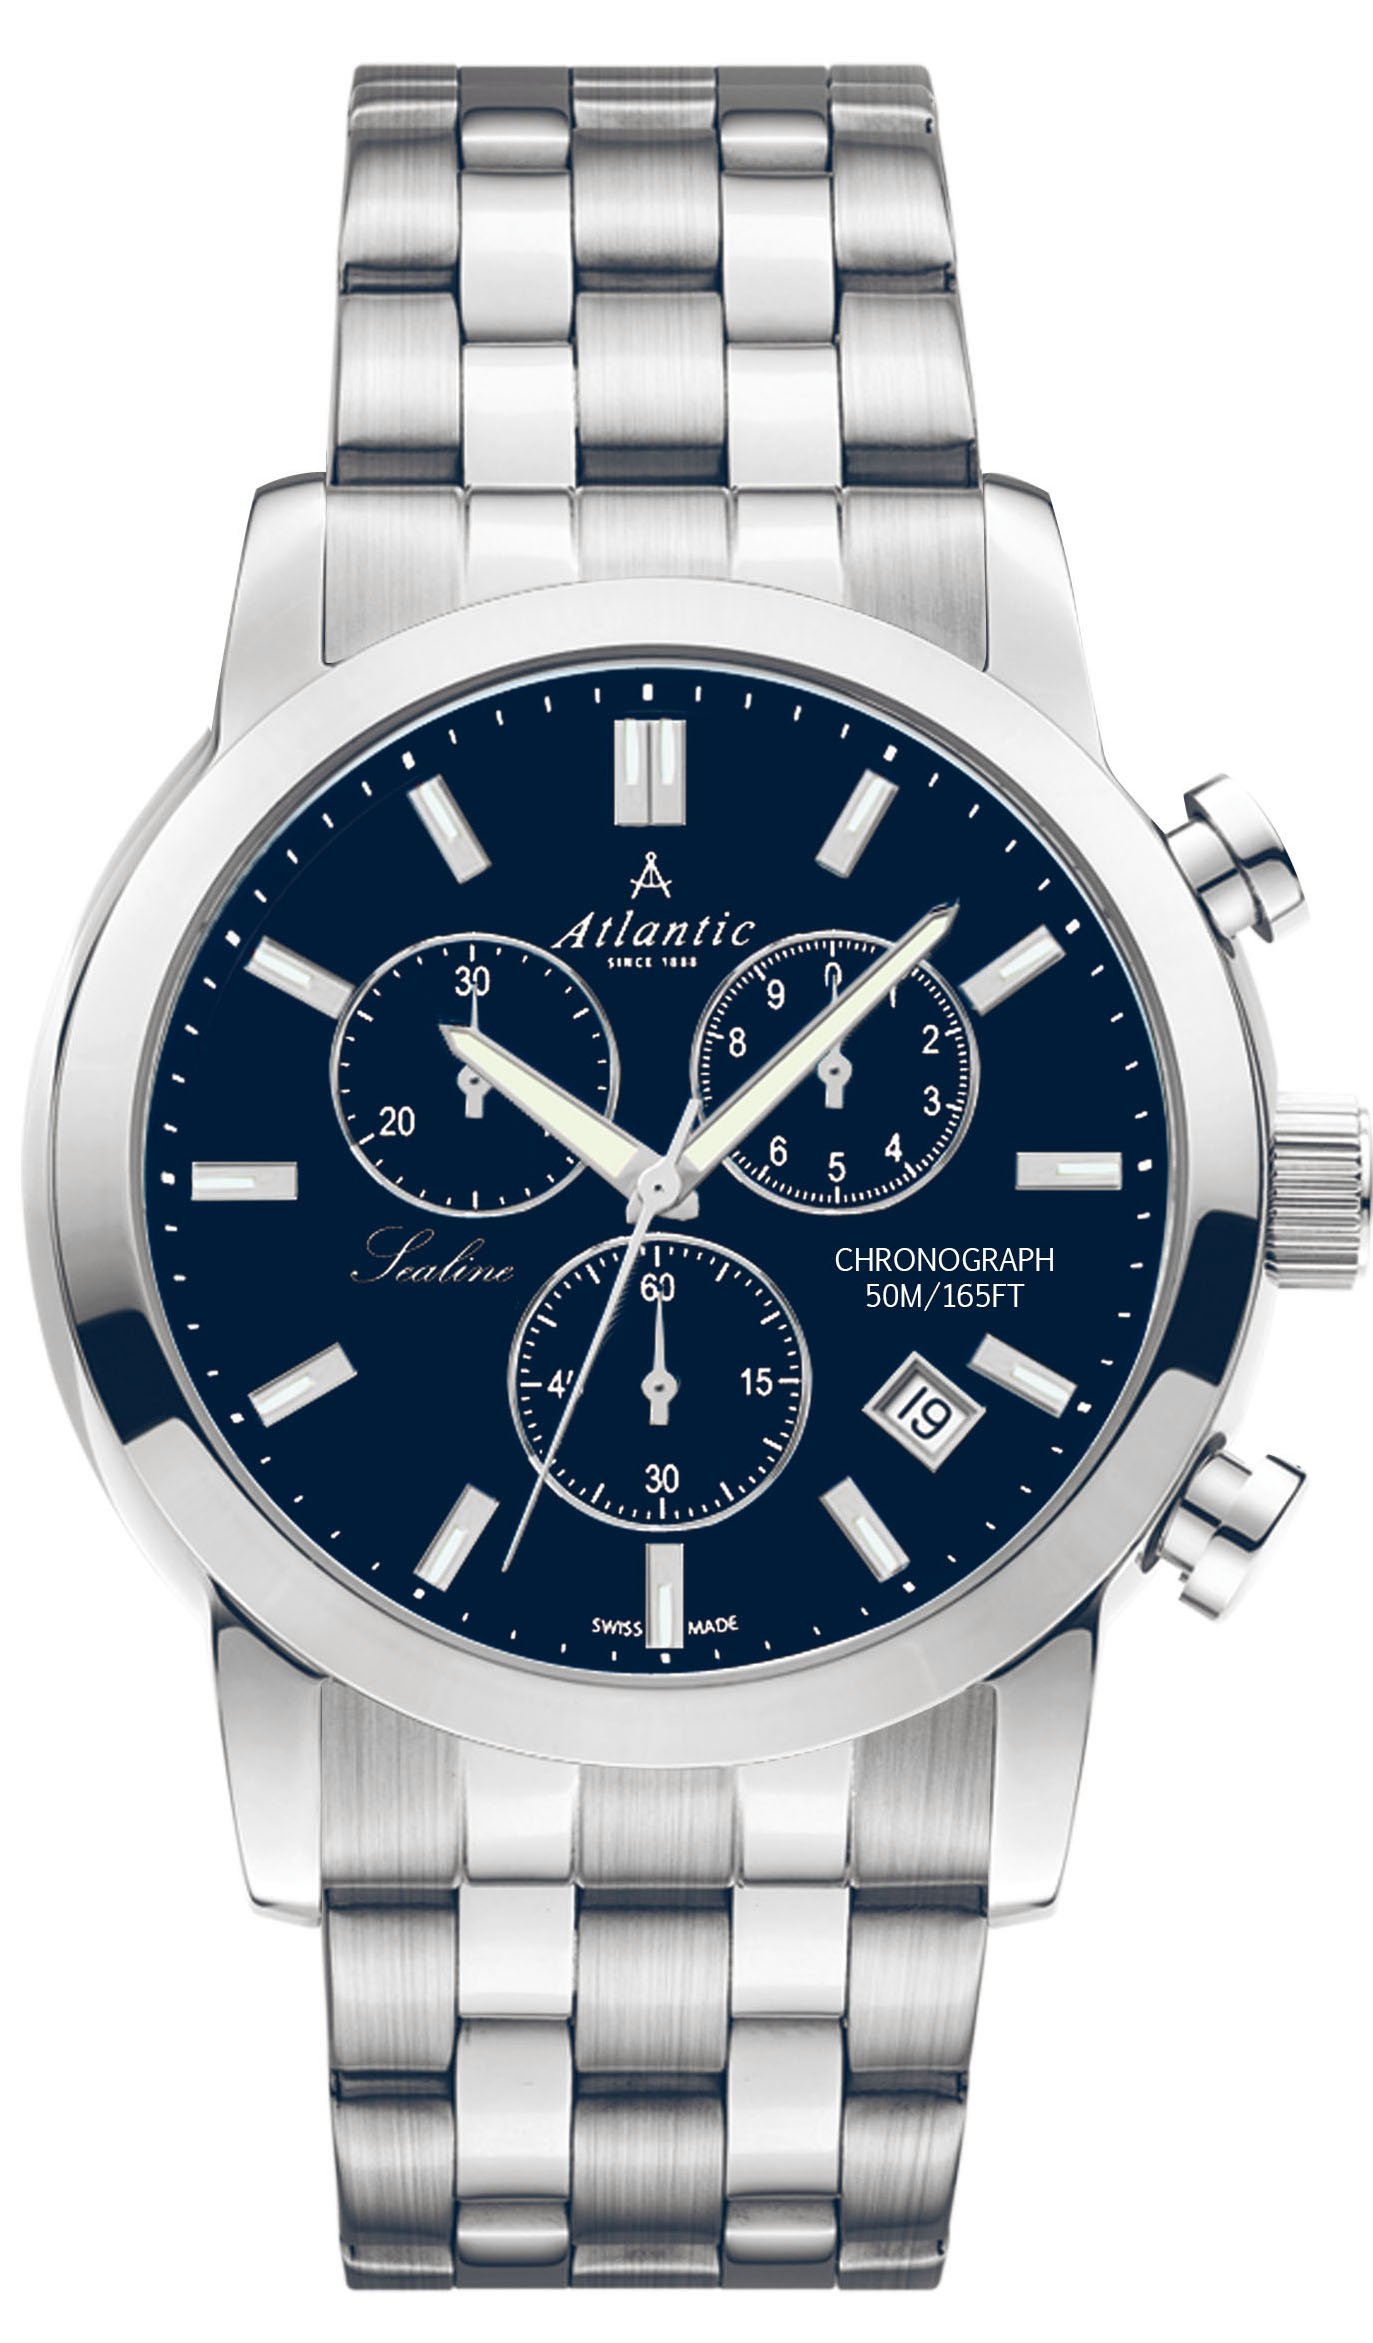 Zegarek męski Atlantic sealine 62455.41.51 - duże 1